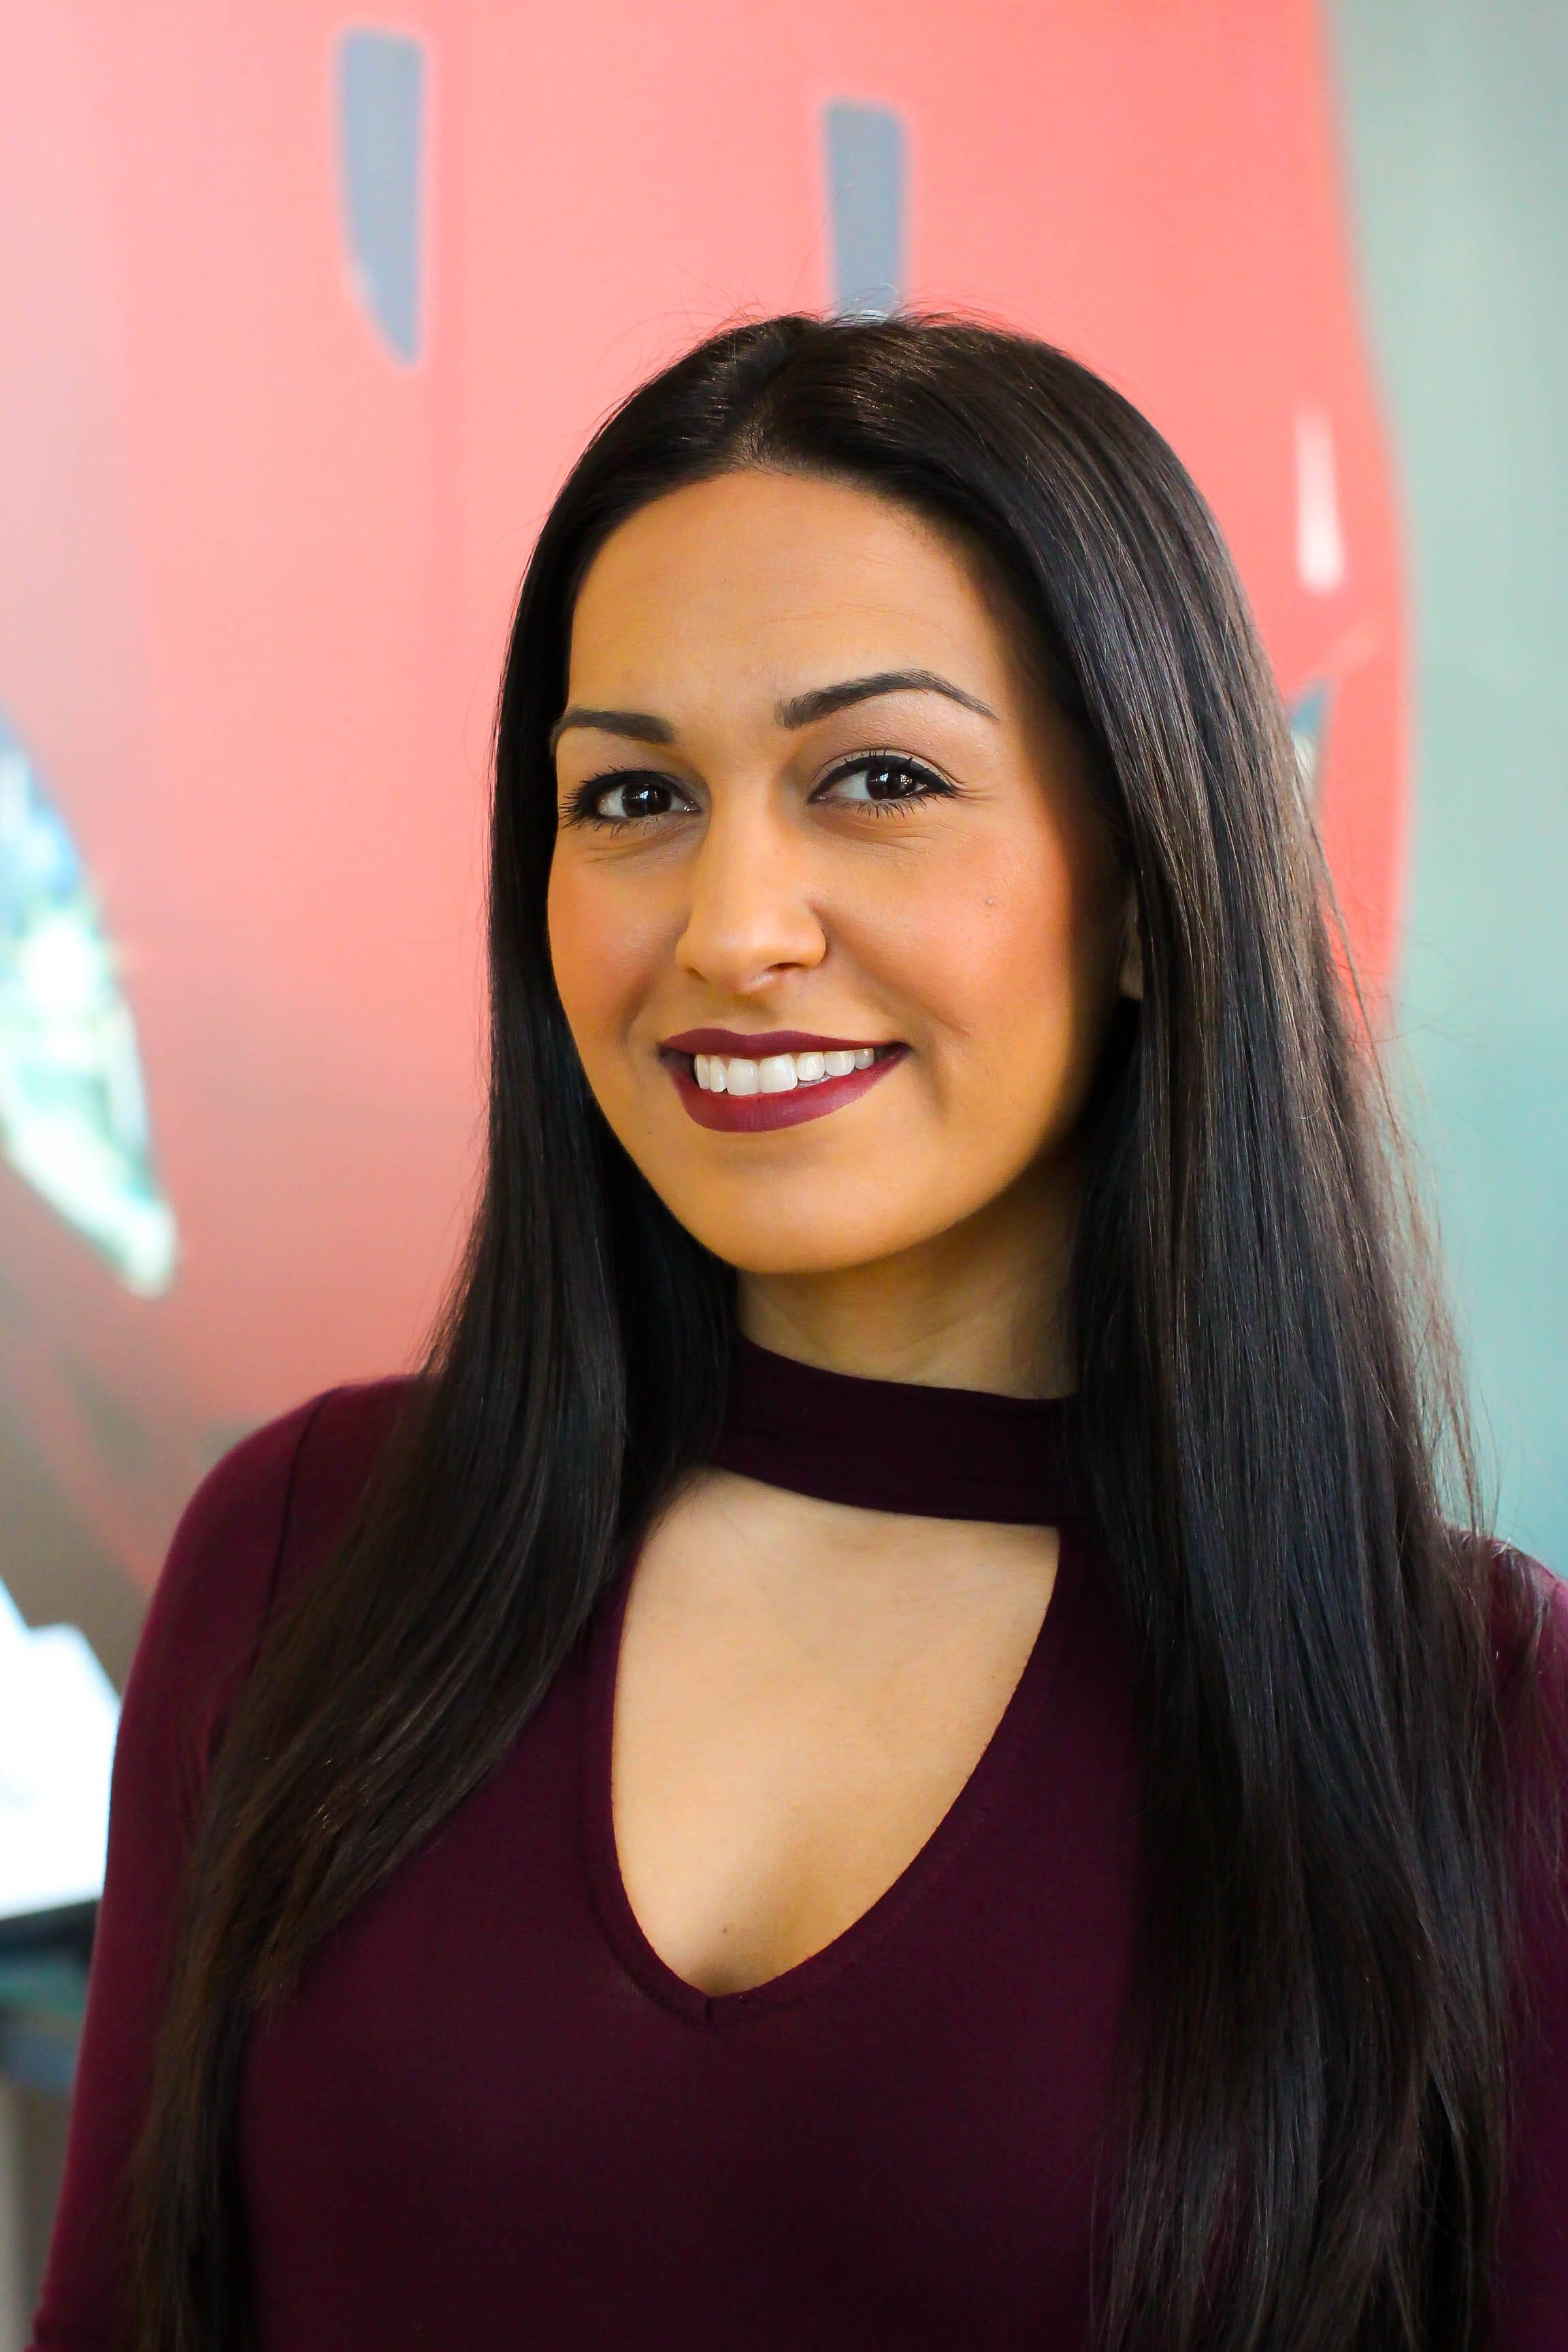 Layla Shahrazad